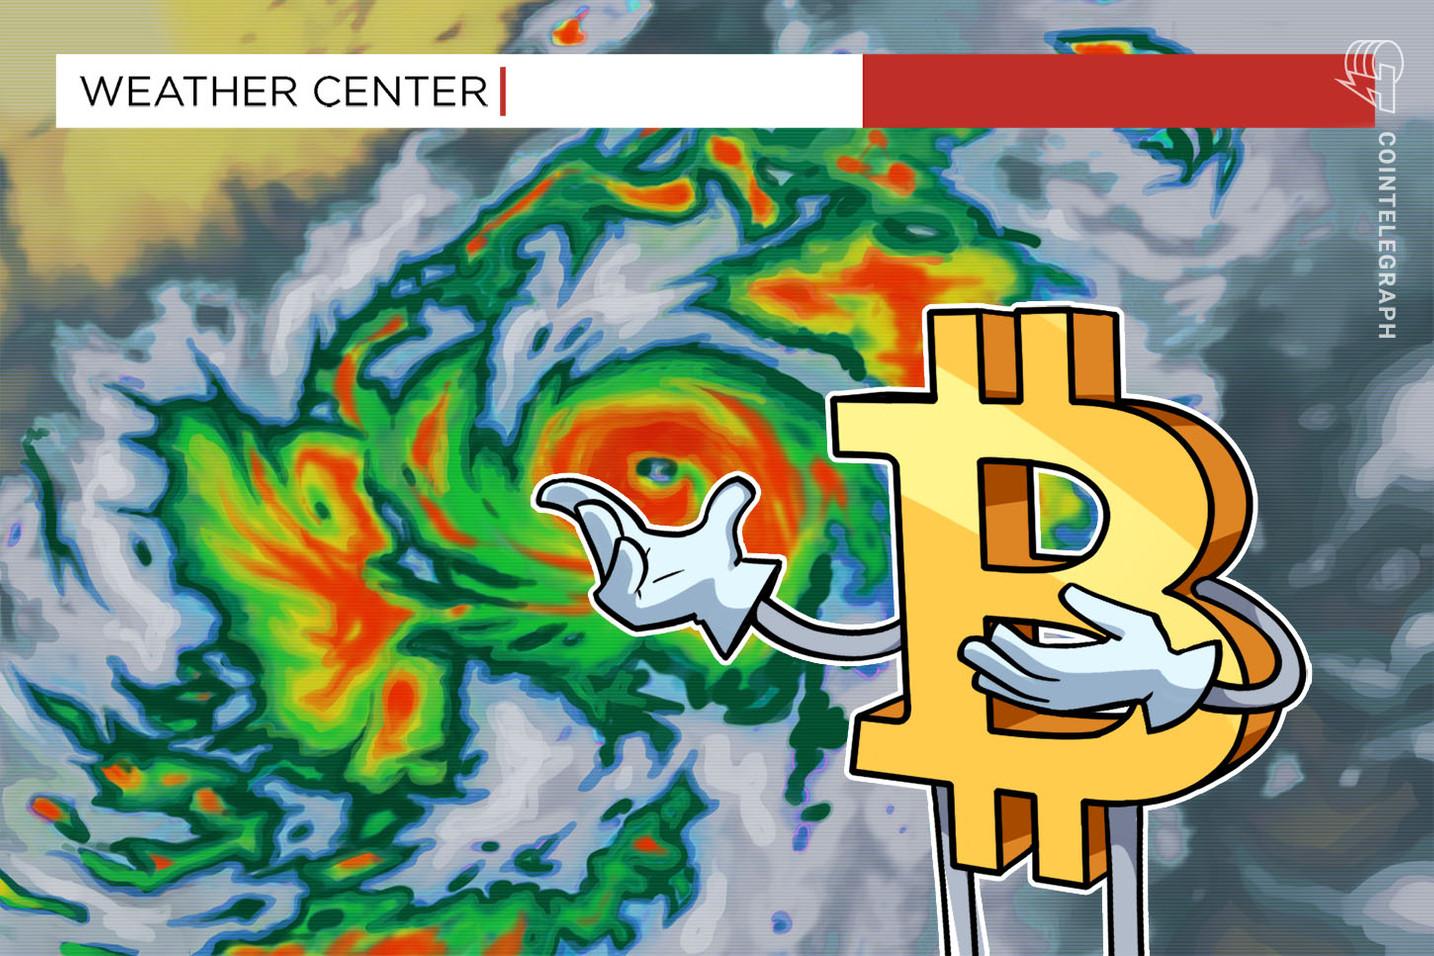 Las acciones caen y el dólar alcanza máximos de 4 meses: por qué el precio de Bitcoin se desplomó por debajo de USD 50,000